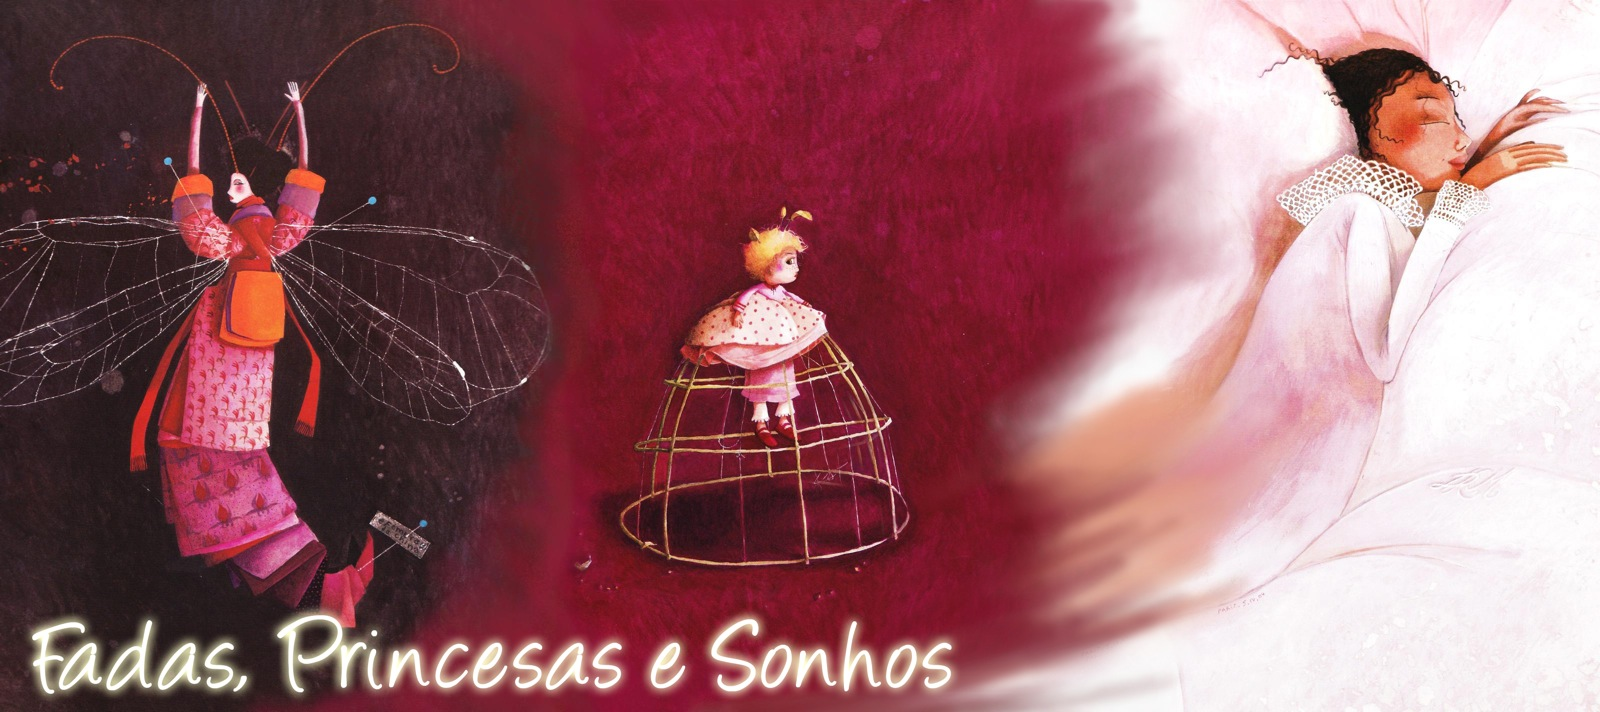 Fadas, Princesas e Sonhos